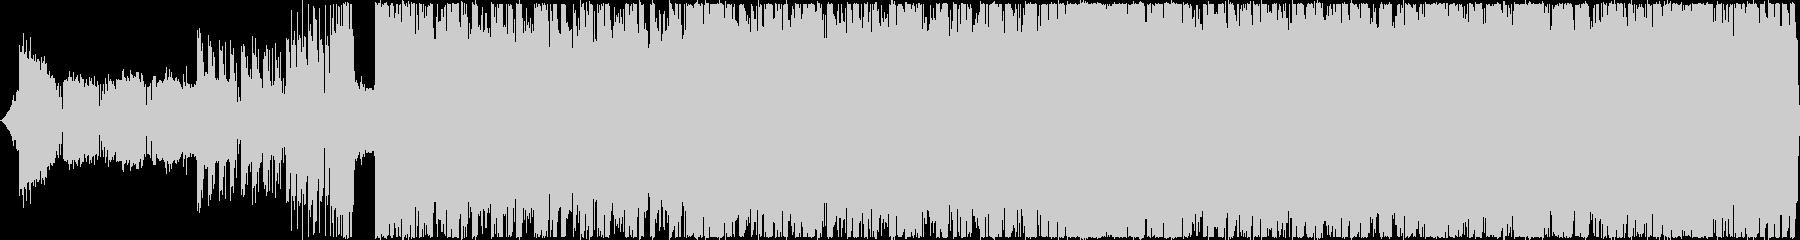 疾走感のあるハイテンポなデジタルロックBの未再生の波形